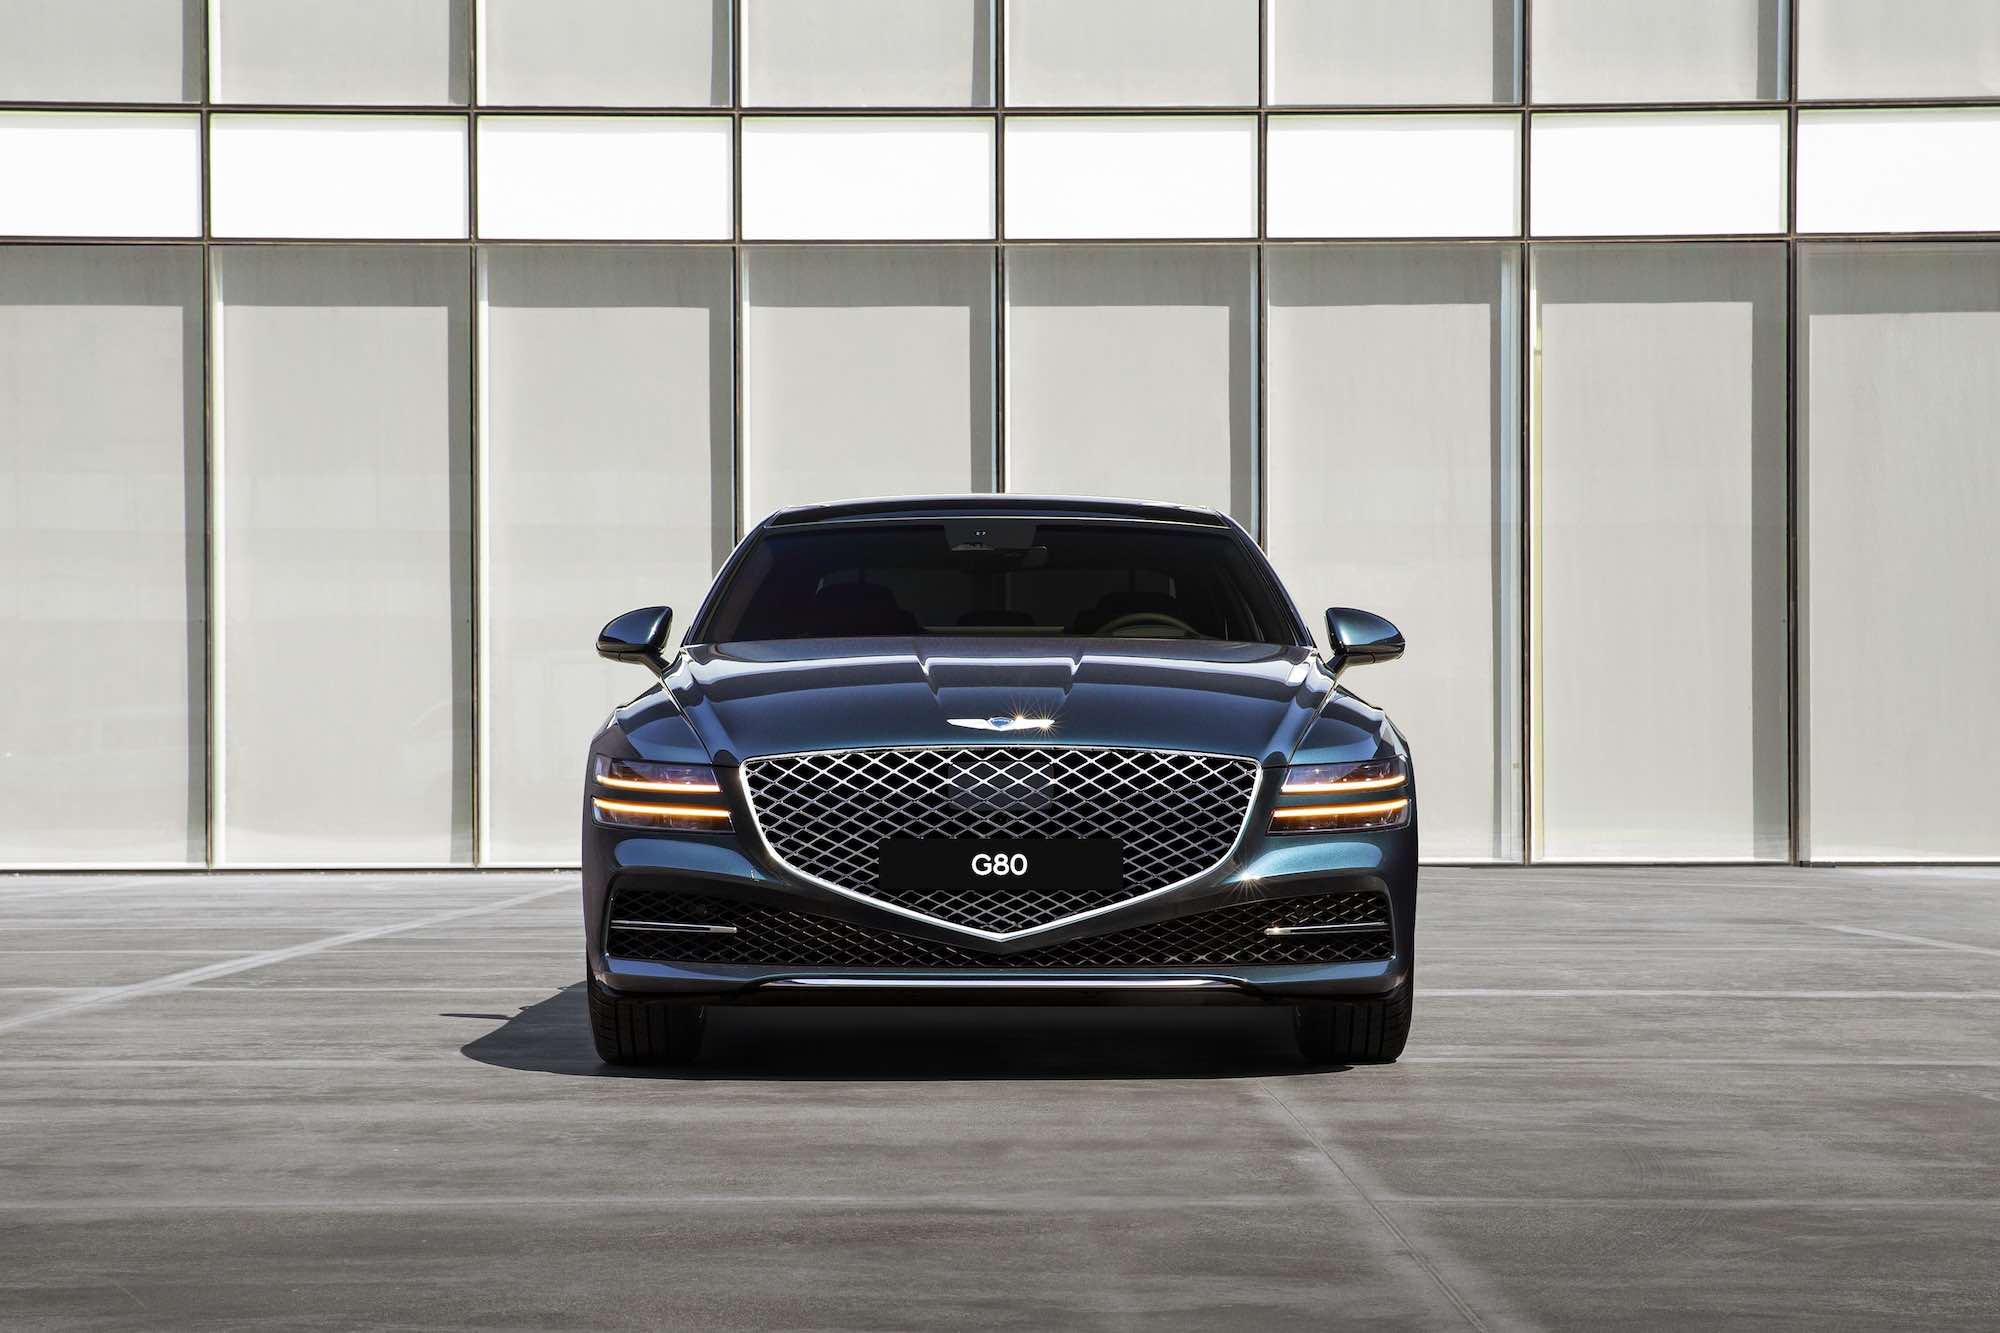 Genesis G80 2021 Dòng Xe Cao Cấp Của Hyundai Có Mấy Phiên Bản